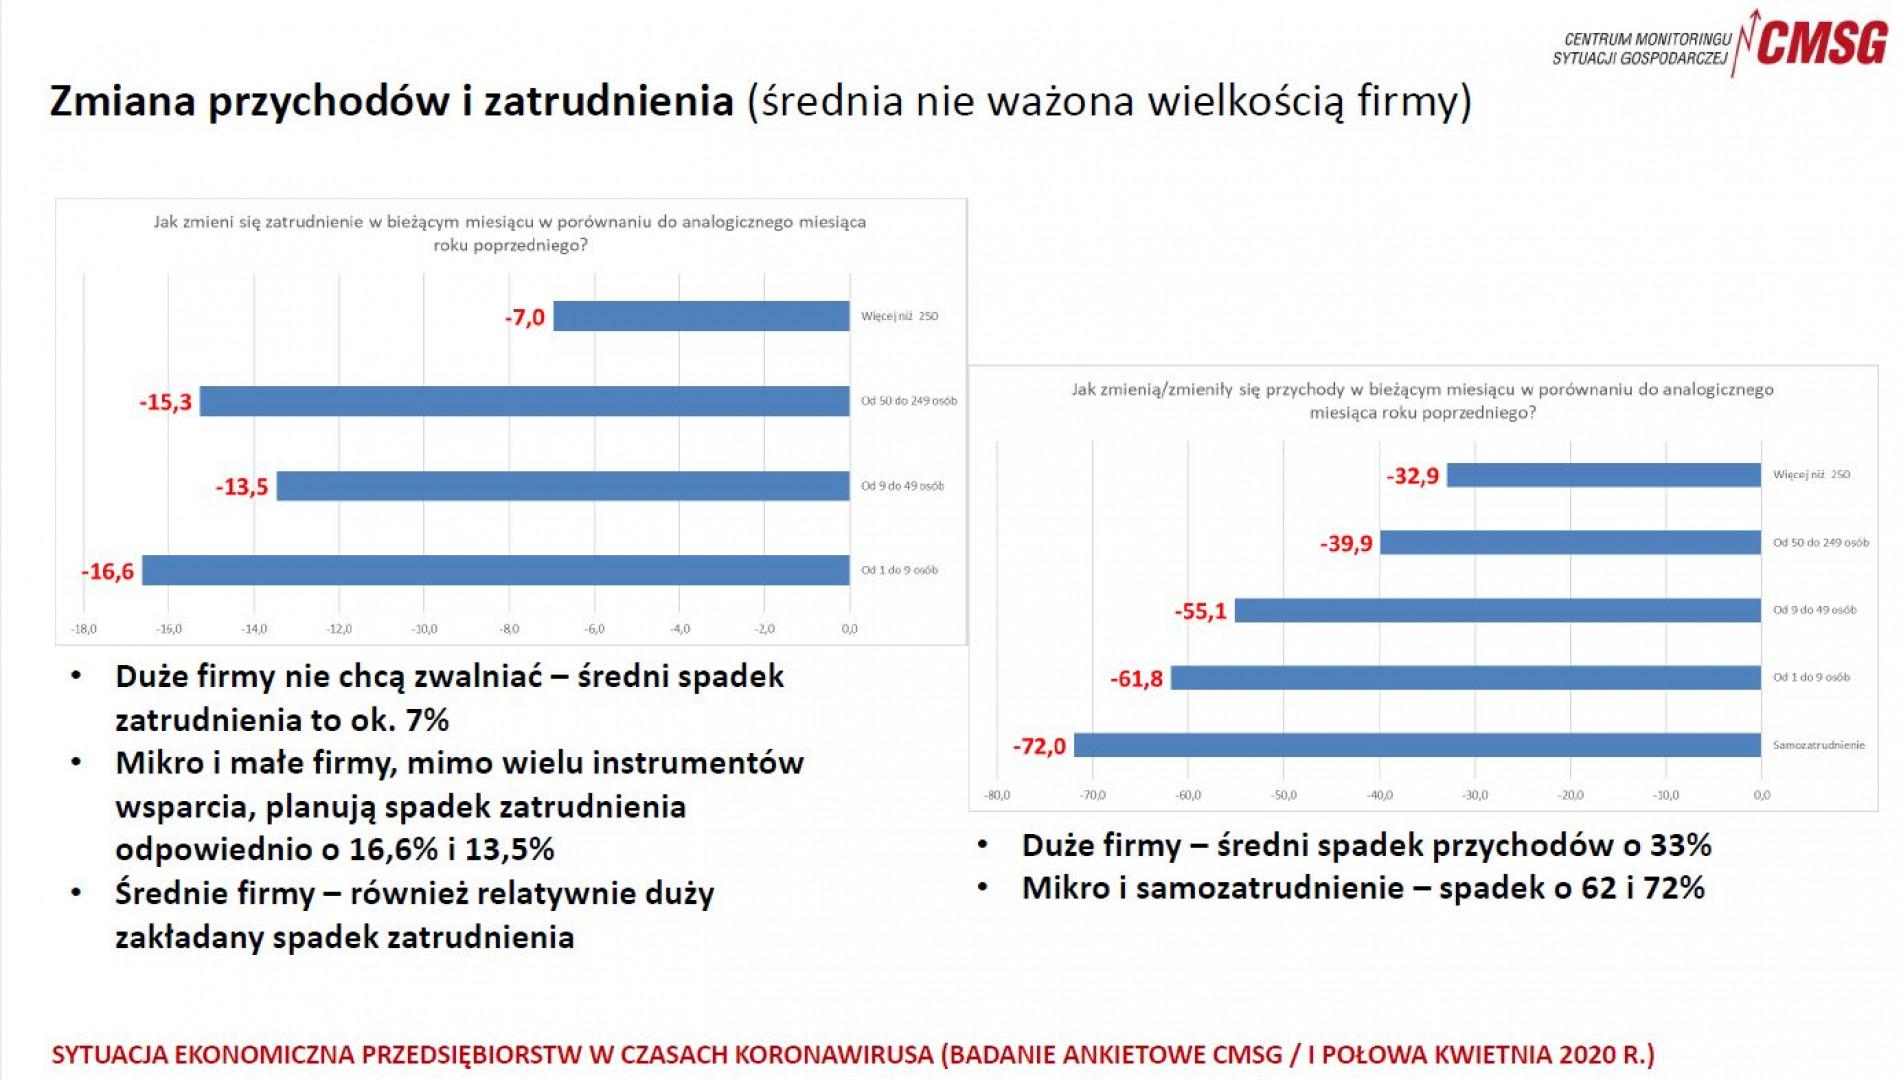 Zmiana przychodów i zatrudnienia, CMSG